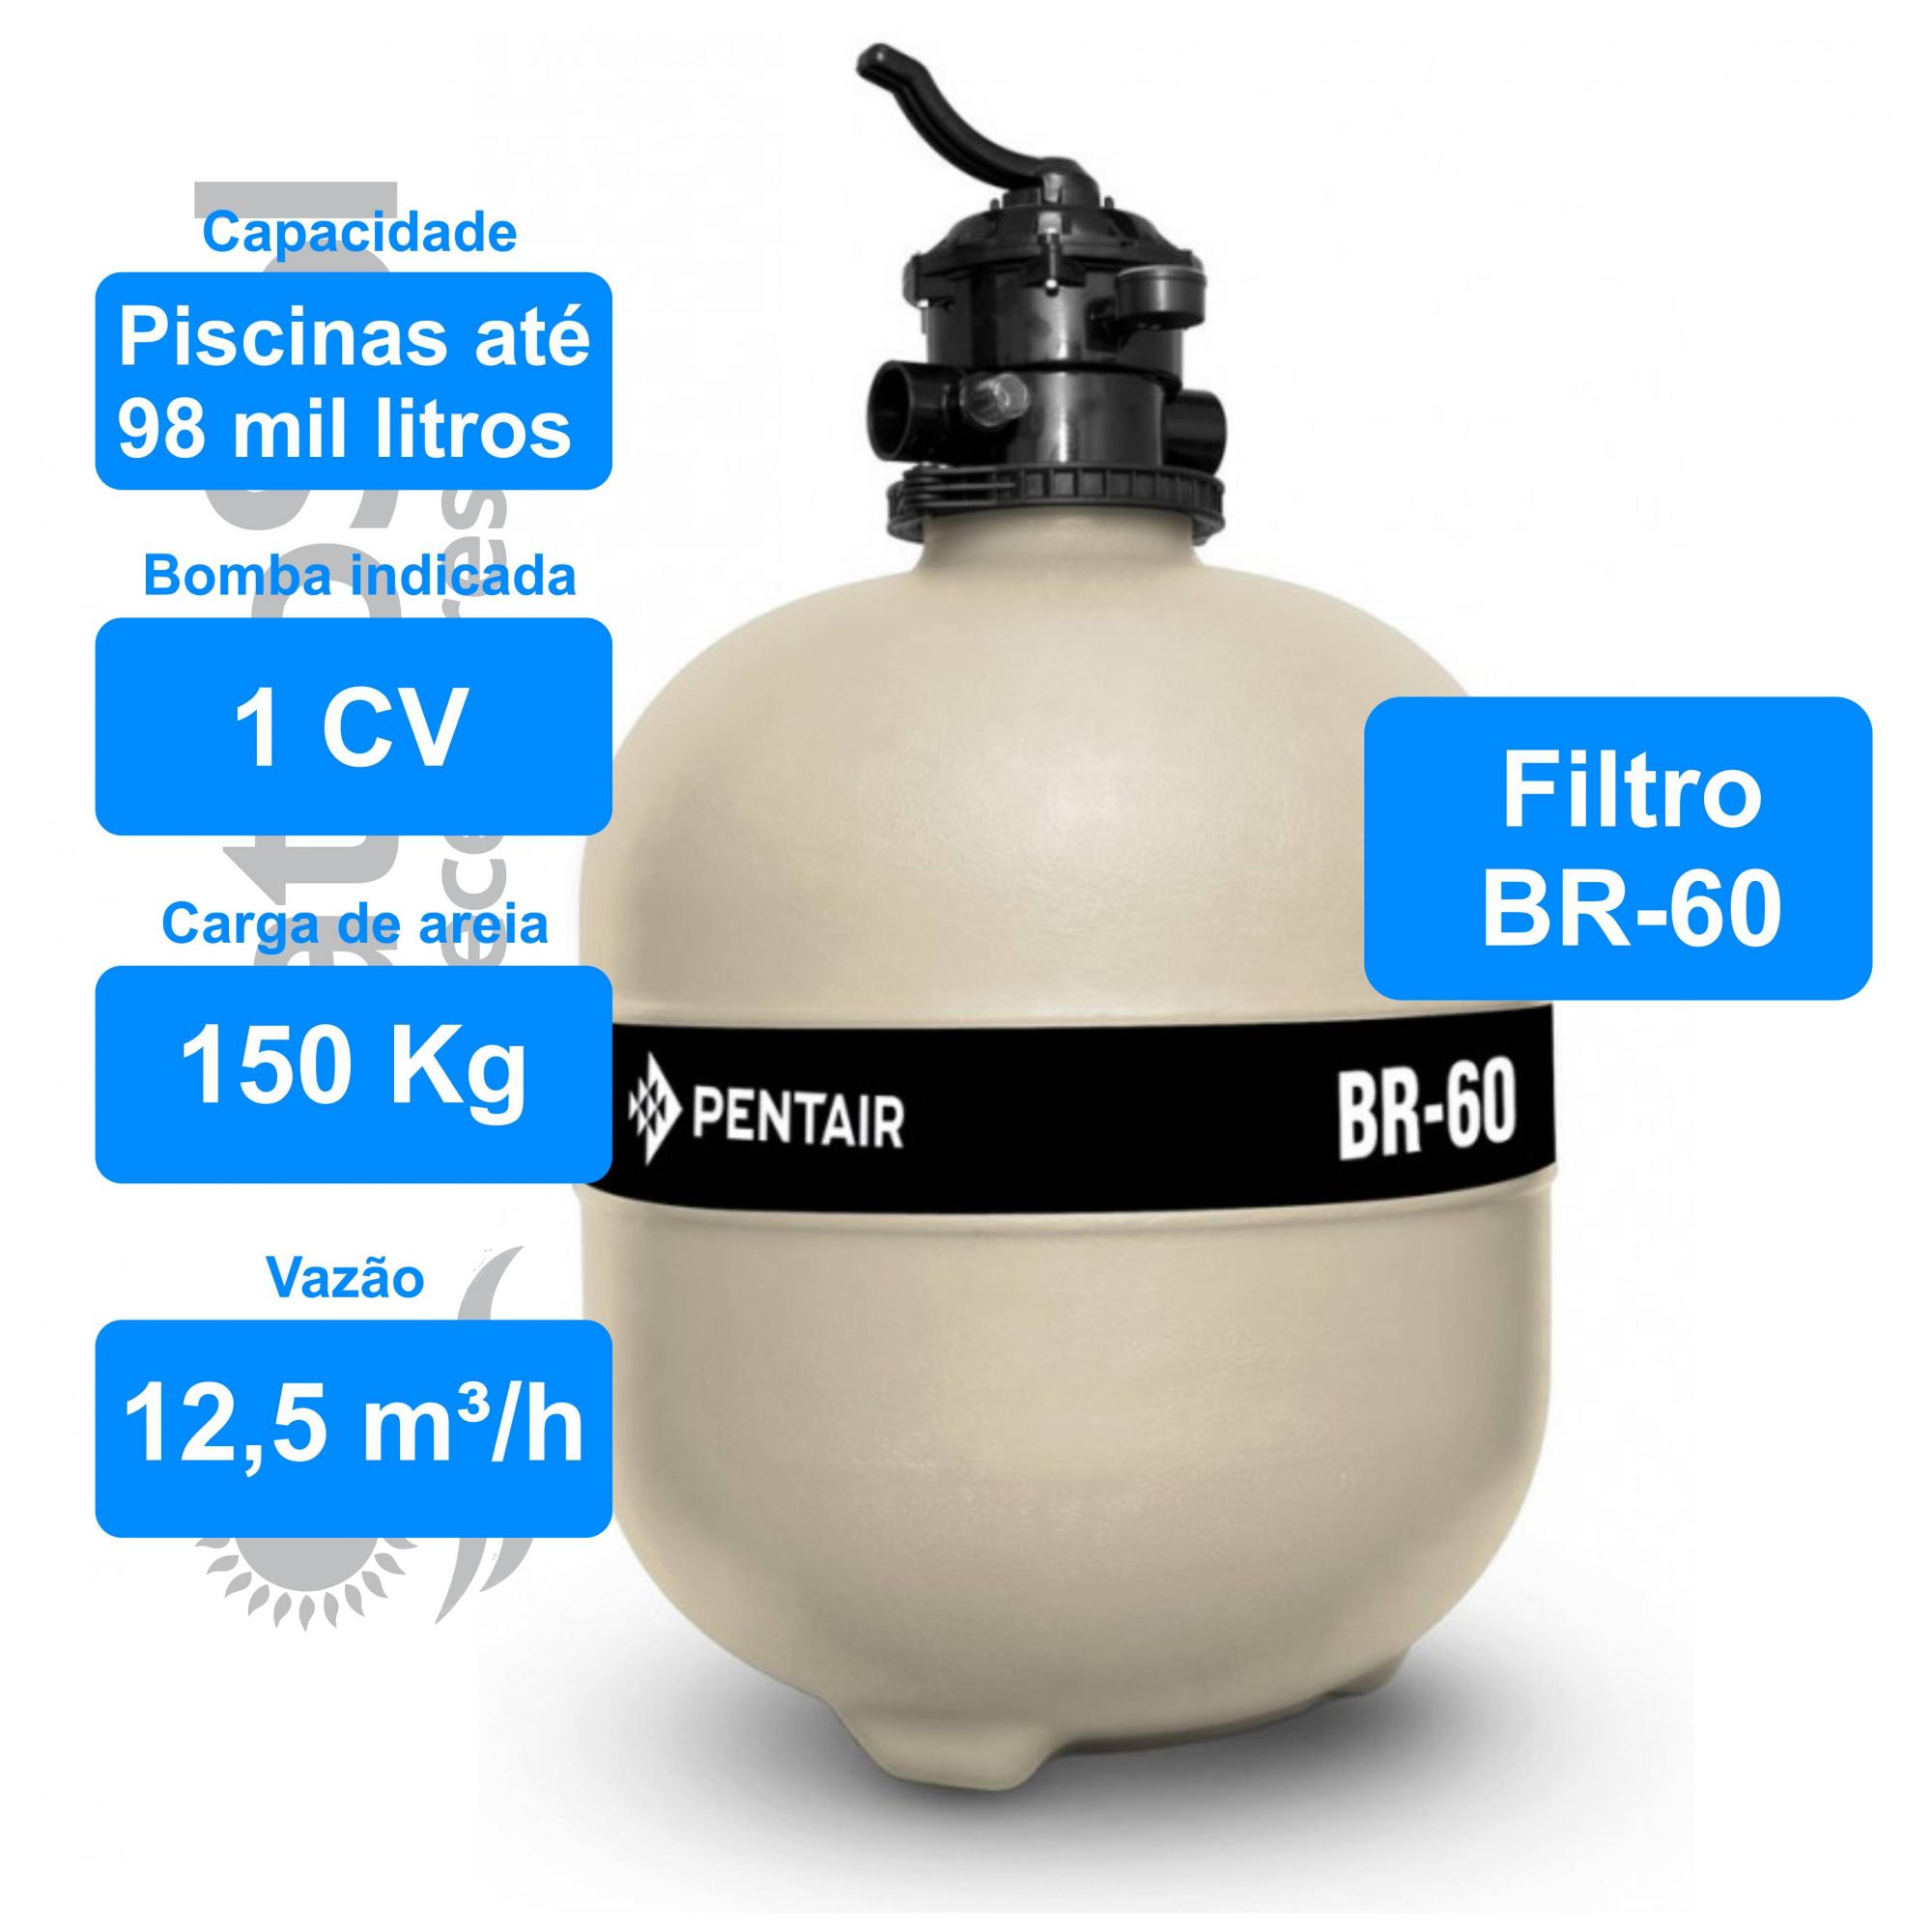 Filtro Para Piscina Pentair Sibrape Br-60 – Até 98.000 Mil Litros